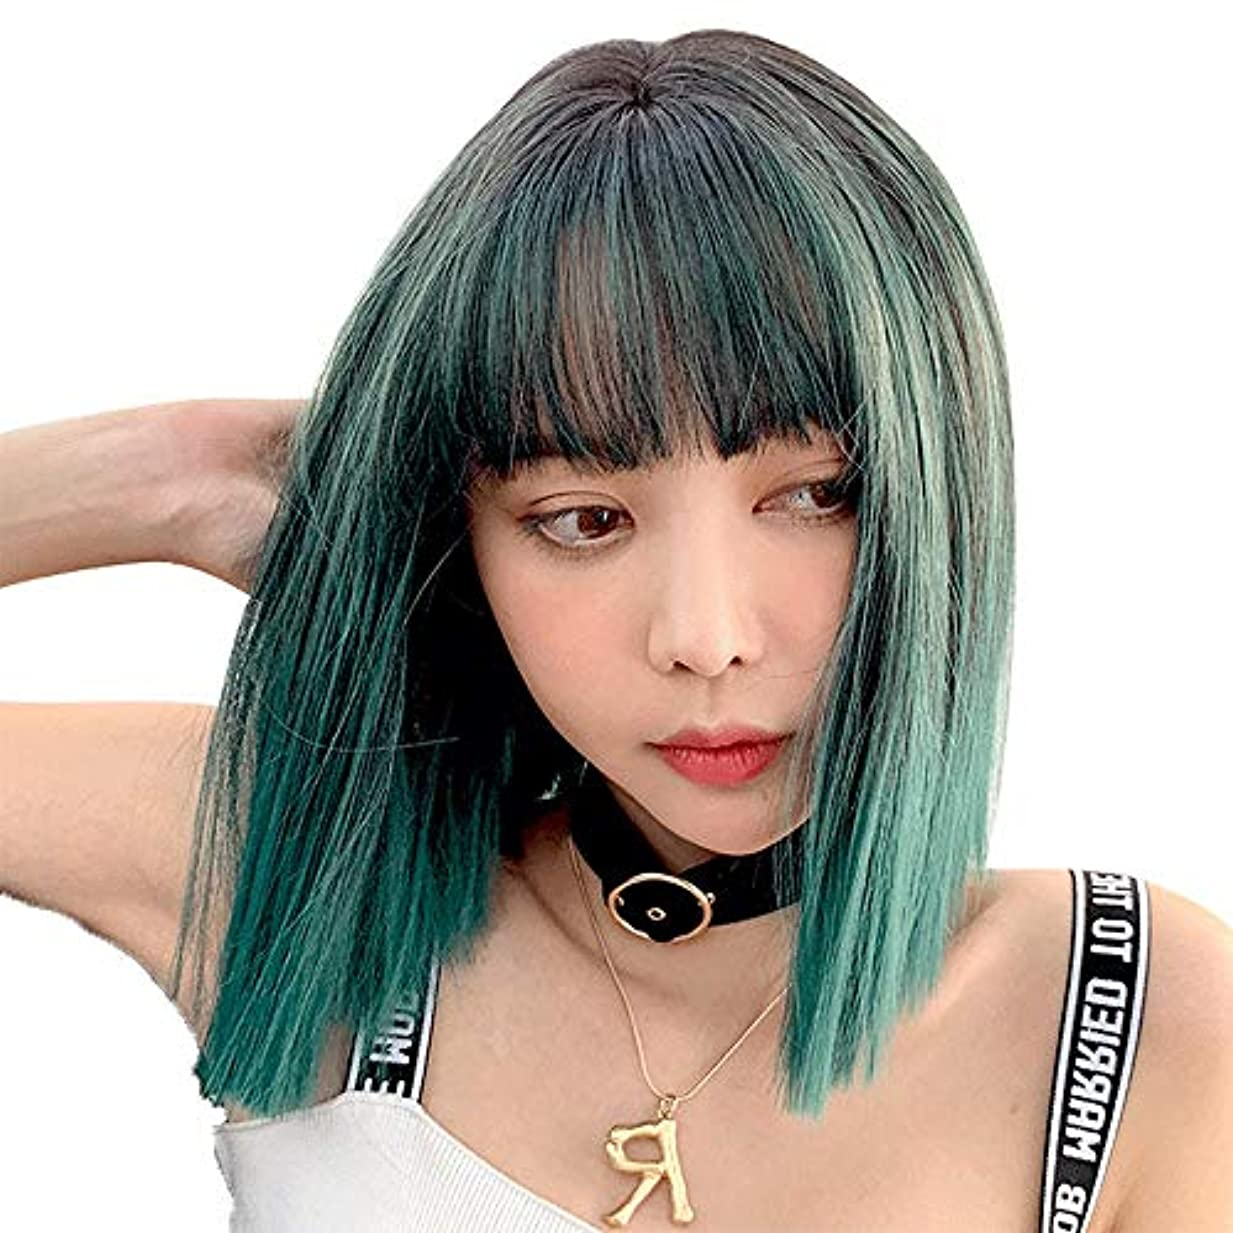 トラップ最大化する赤道SRY-Wigファッション グリーングレーパーティーコスプレウィッグショートウォーターウェーブヘア合成ファッションウィッグ黒人女性用